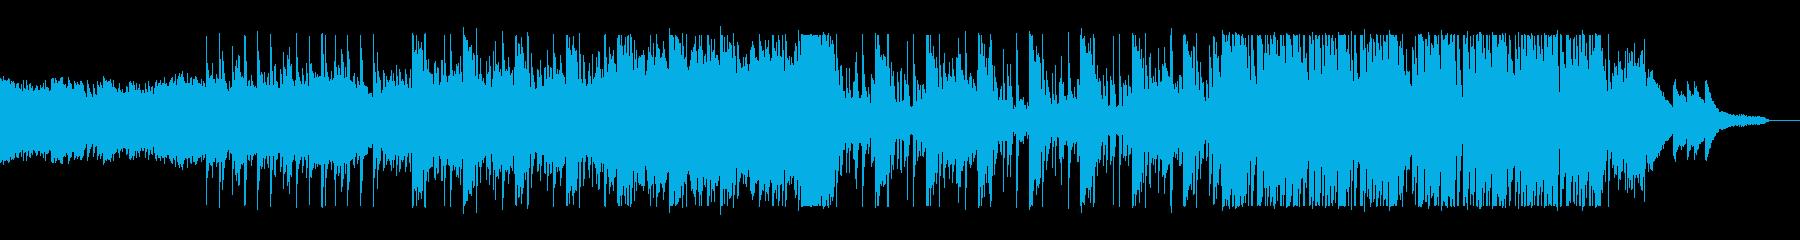 ピアノの音色が綺麗で幻想的な曲の再生済みの波形